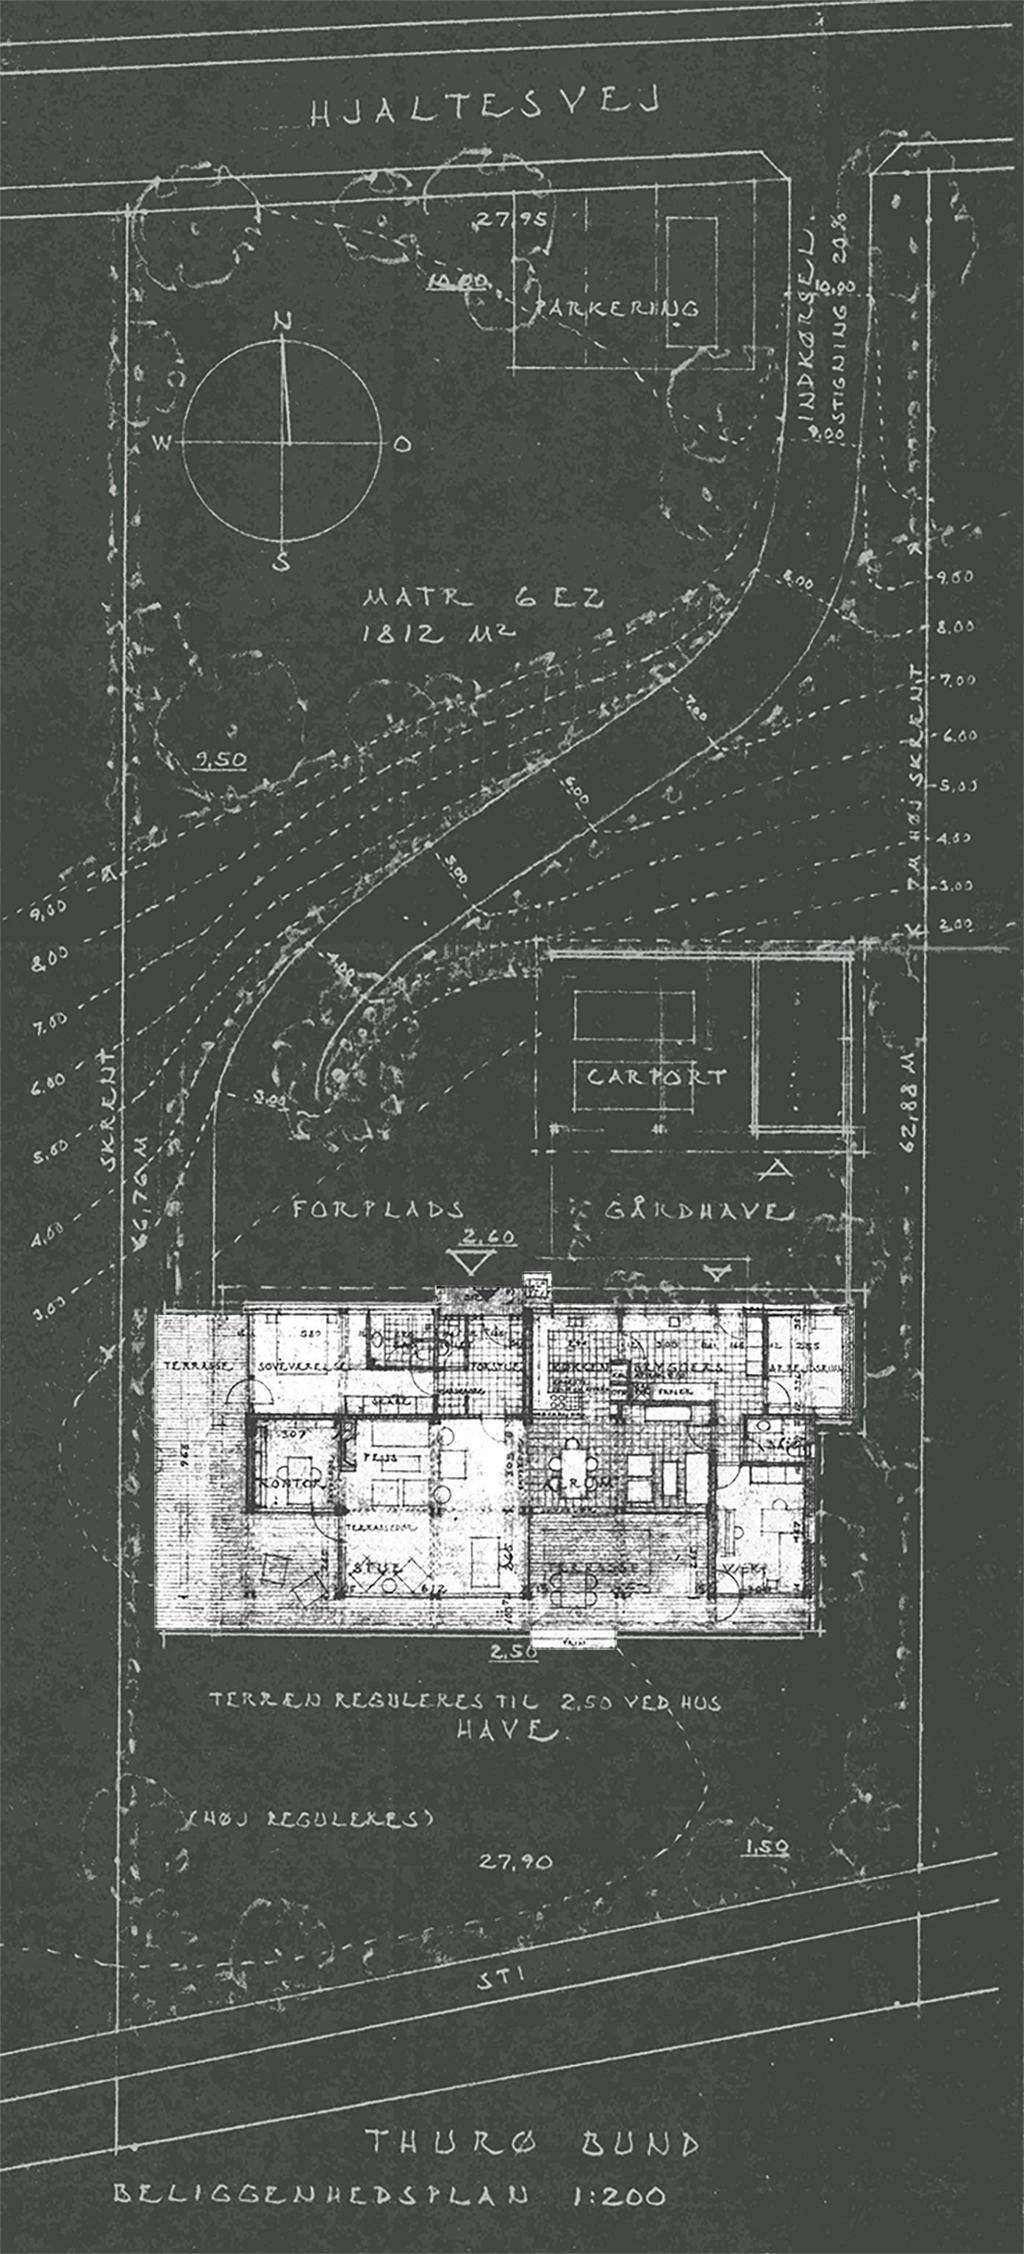 Situationsplan Carla og Axel Jürgensen, arkitekter. Arkitekttegnet 80'er hus ved Svendborg